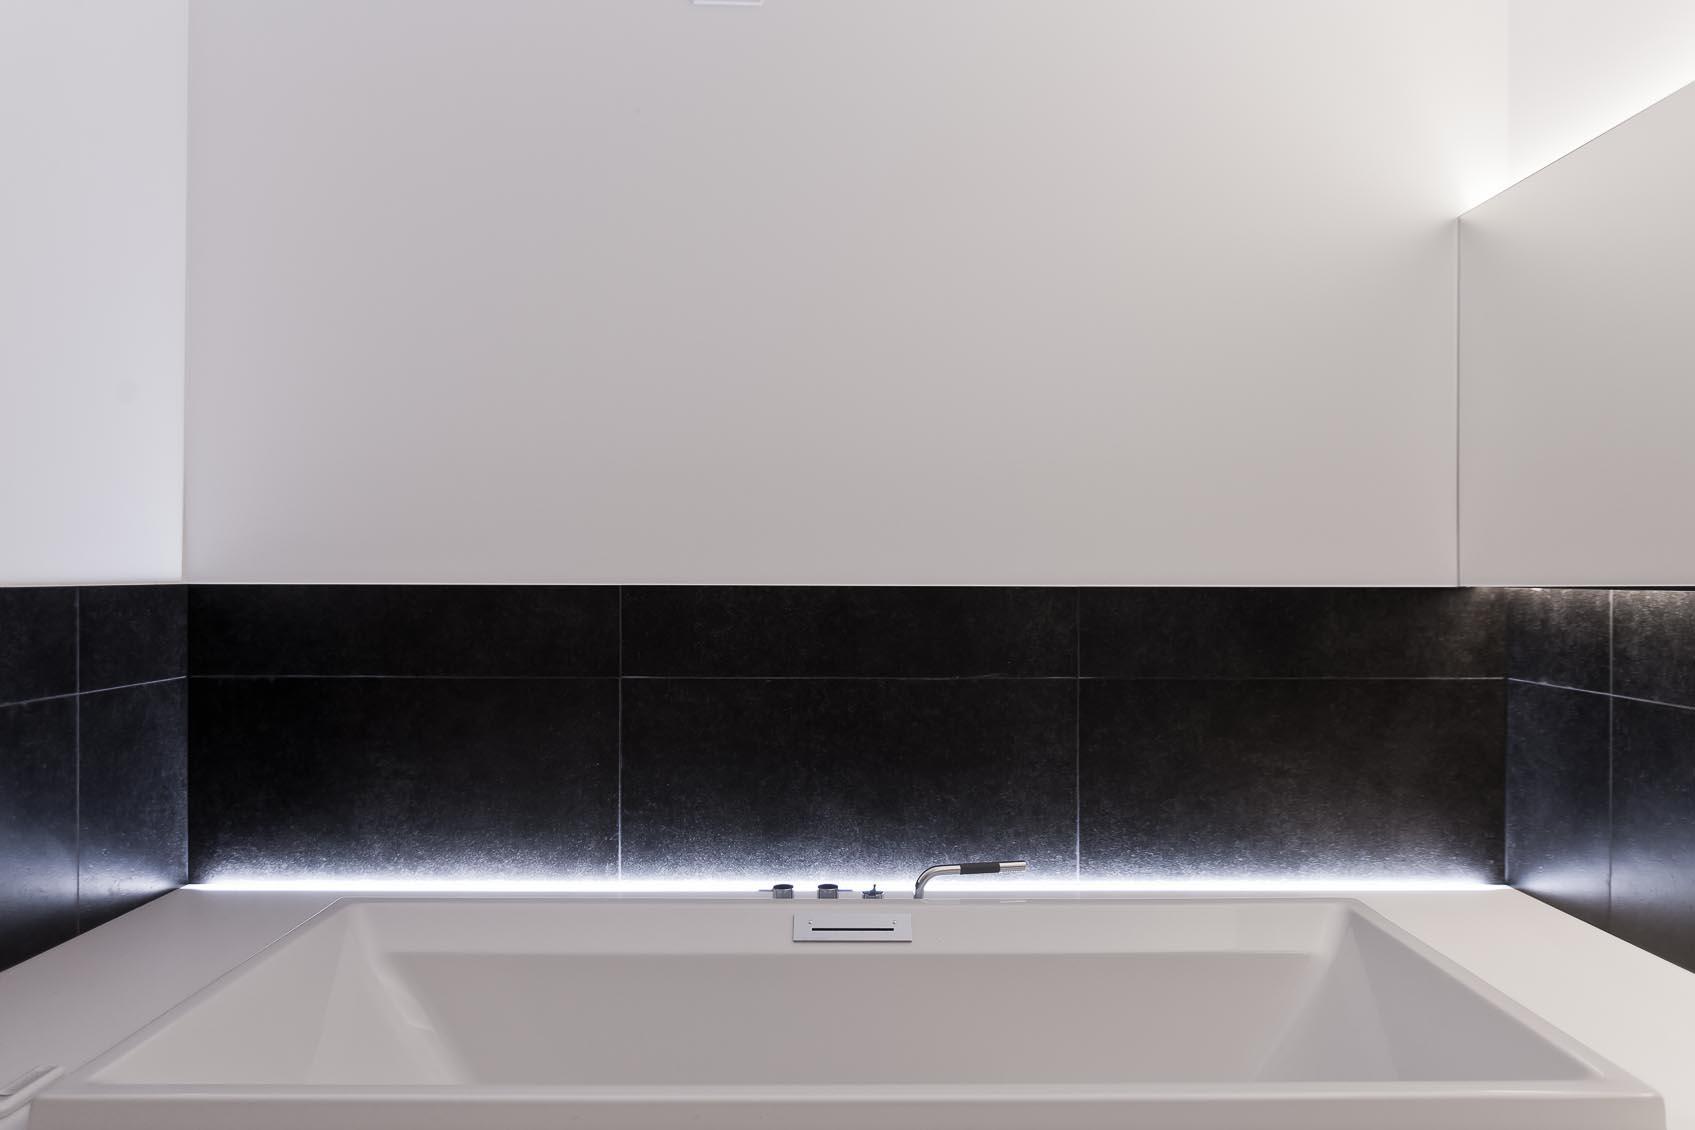 ロレックス シードウェラー ディープシー スーパーコピー 時計 | d&g 時計 スーパーコピー miumiu